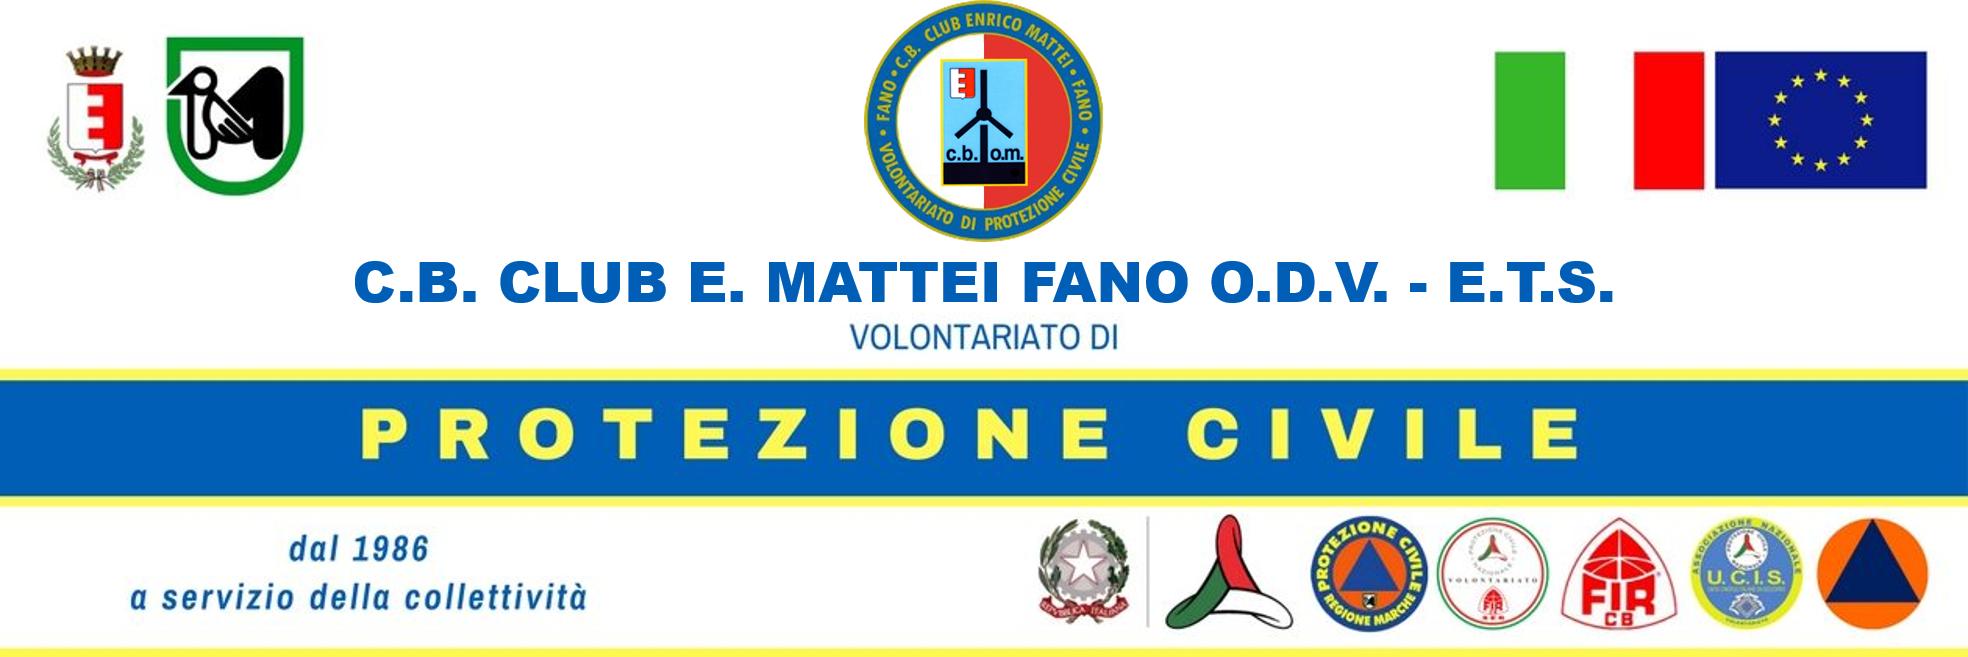 C.B. Club E. Mattei Fano (PU) O.D.V. - E.T.S.